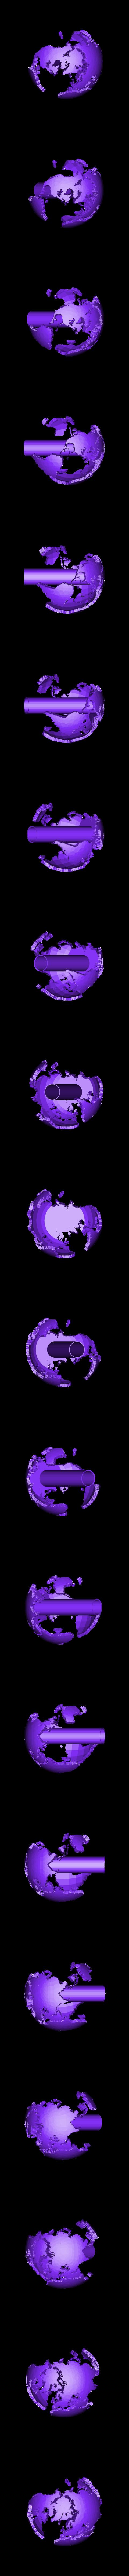 2color_world_giant_land_support.stl Télécharger fichier STL gratuit Monde géant creux à deux couleurs • Plan à imprimer en 3D, ErnyCrazyPrinter